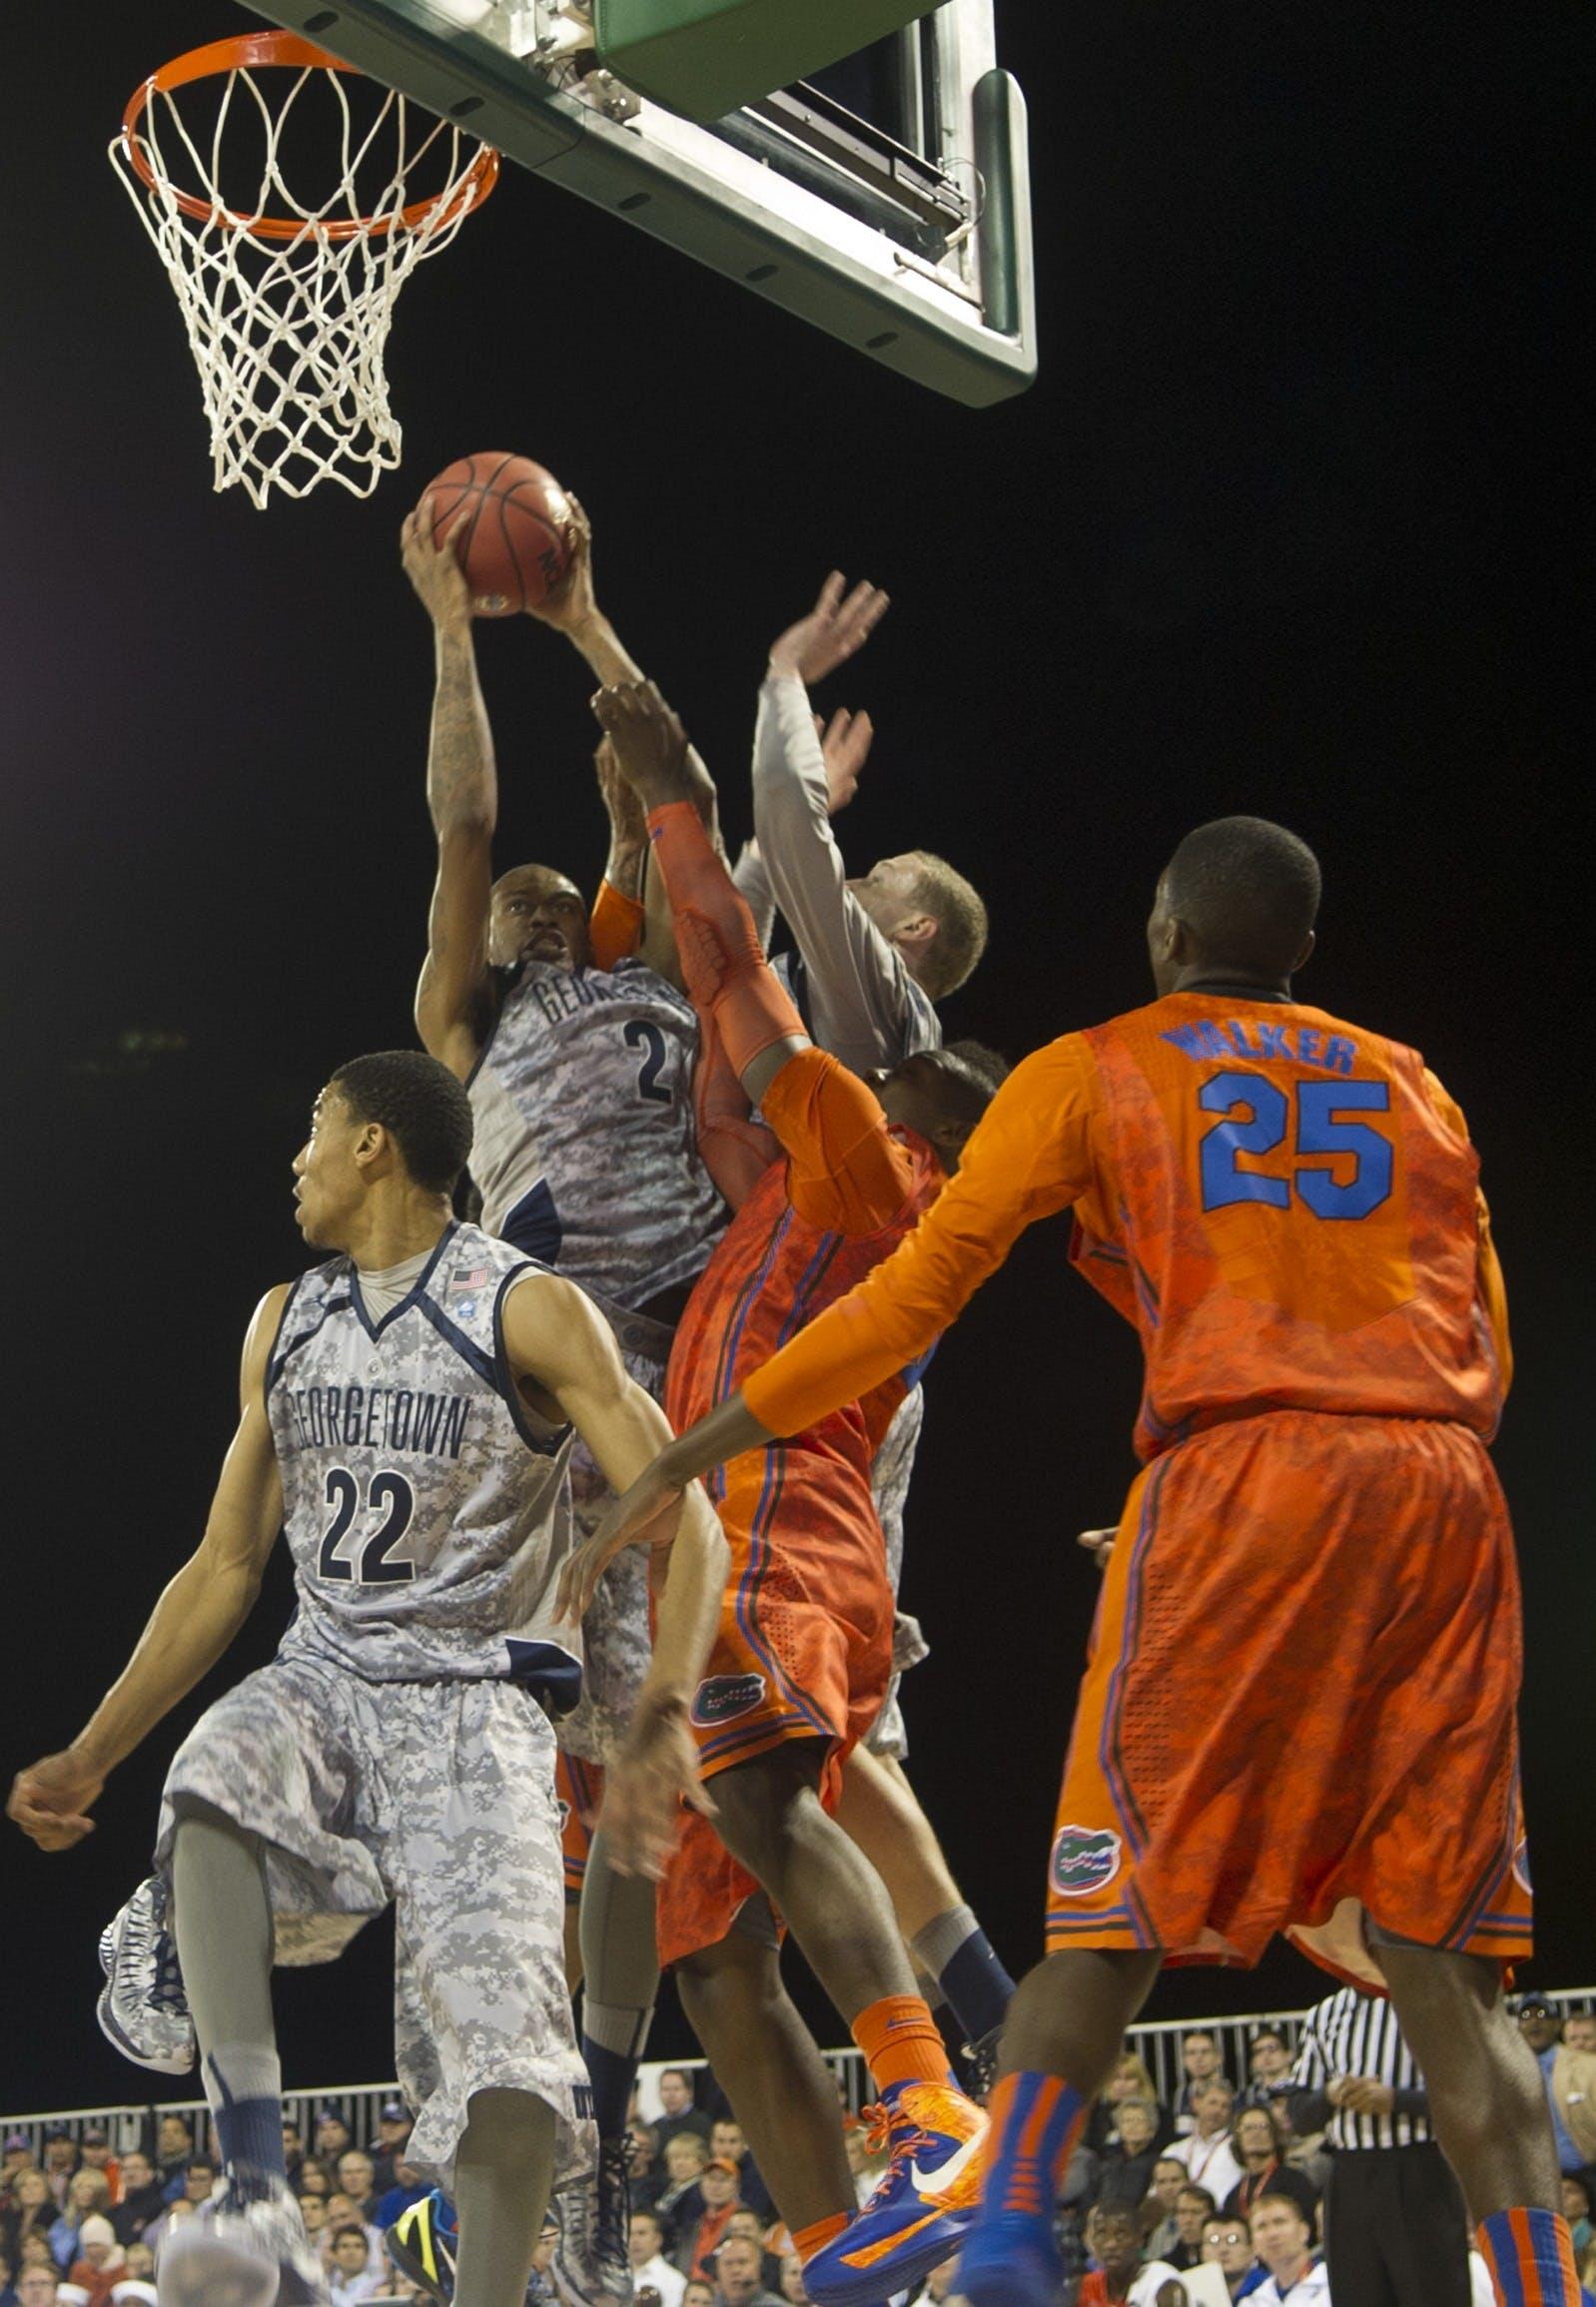 Four Men Playing Basketball